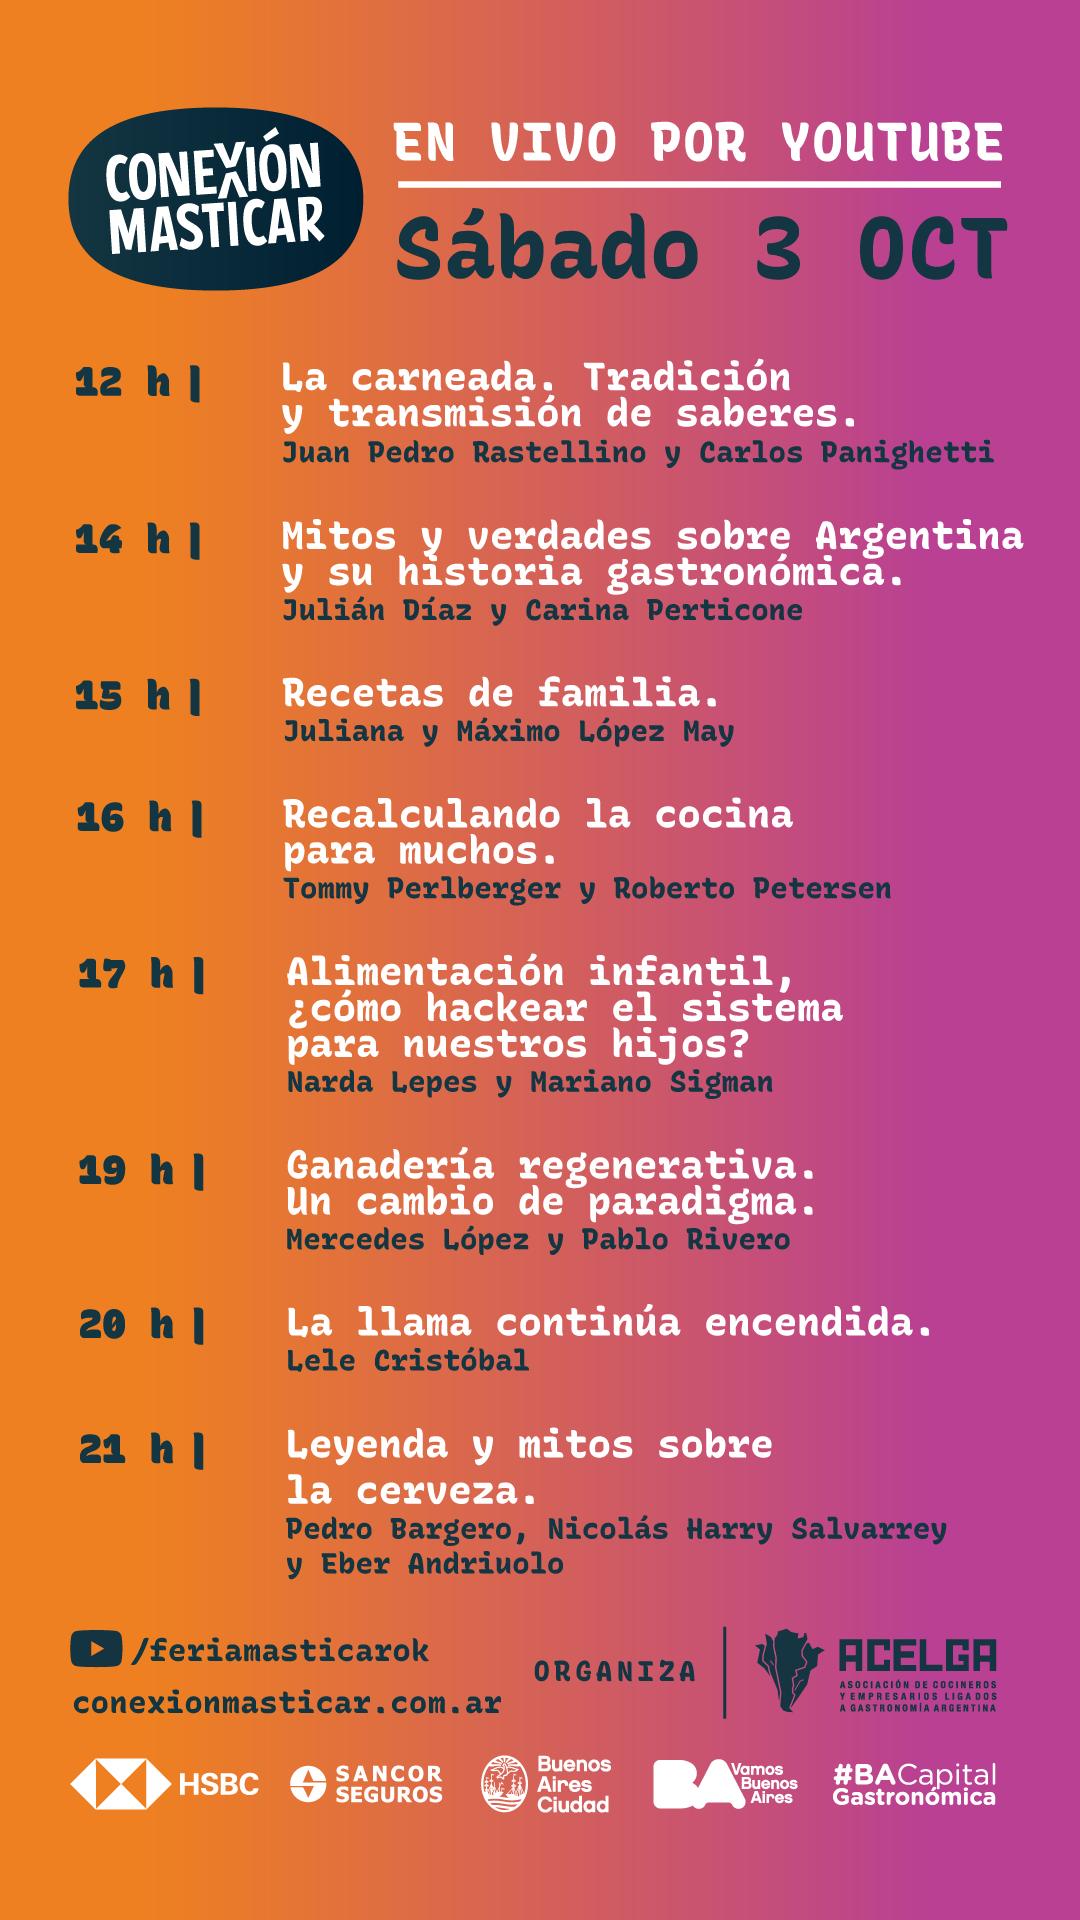 Agendá Conexión Masticar 3 y 4 de octubre, estés donde estés (2)